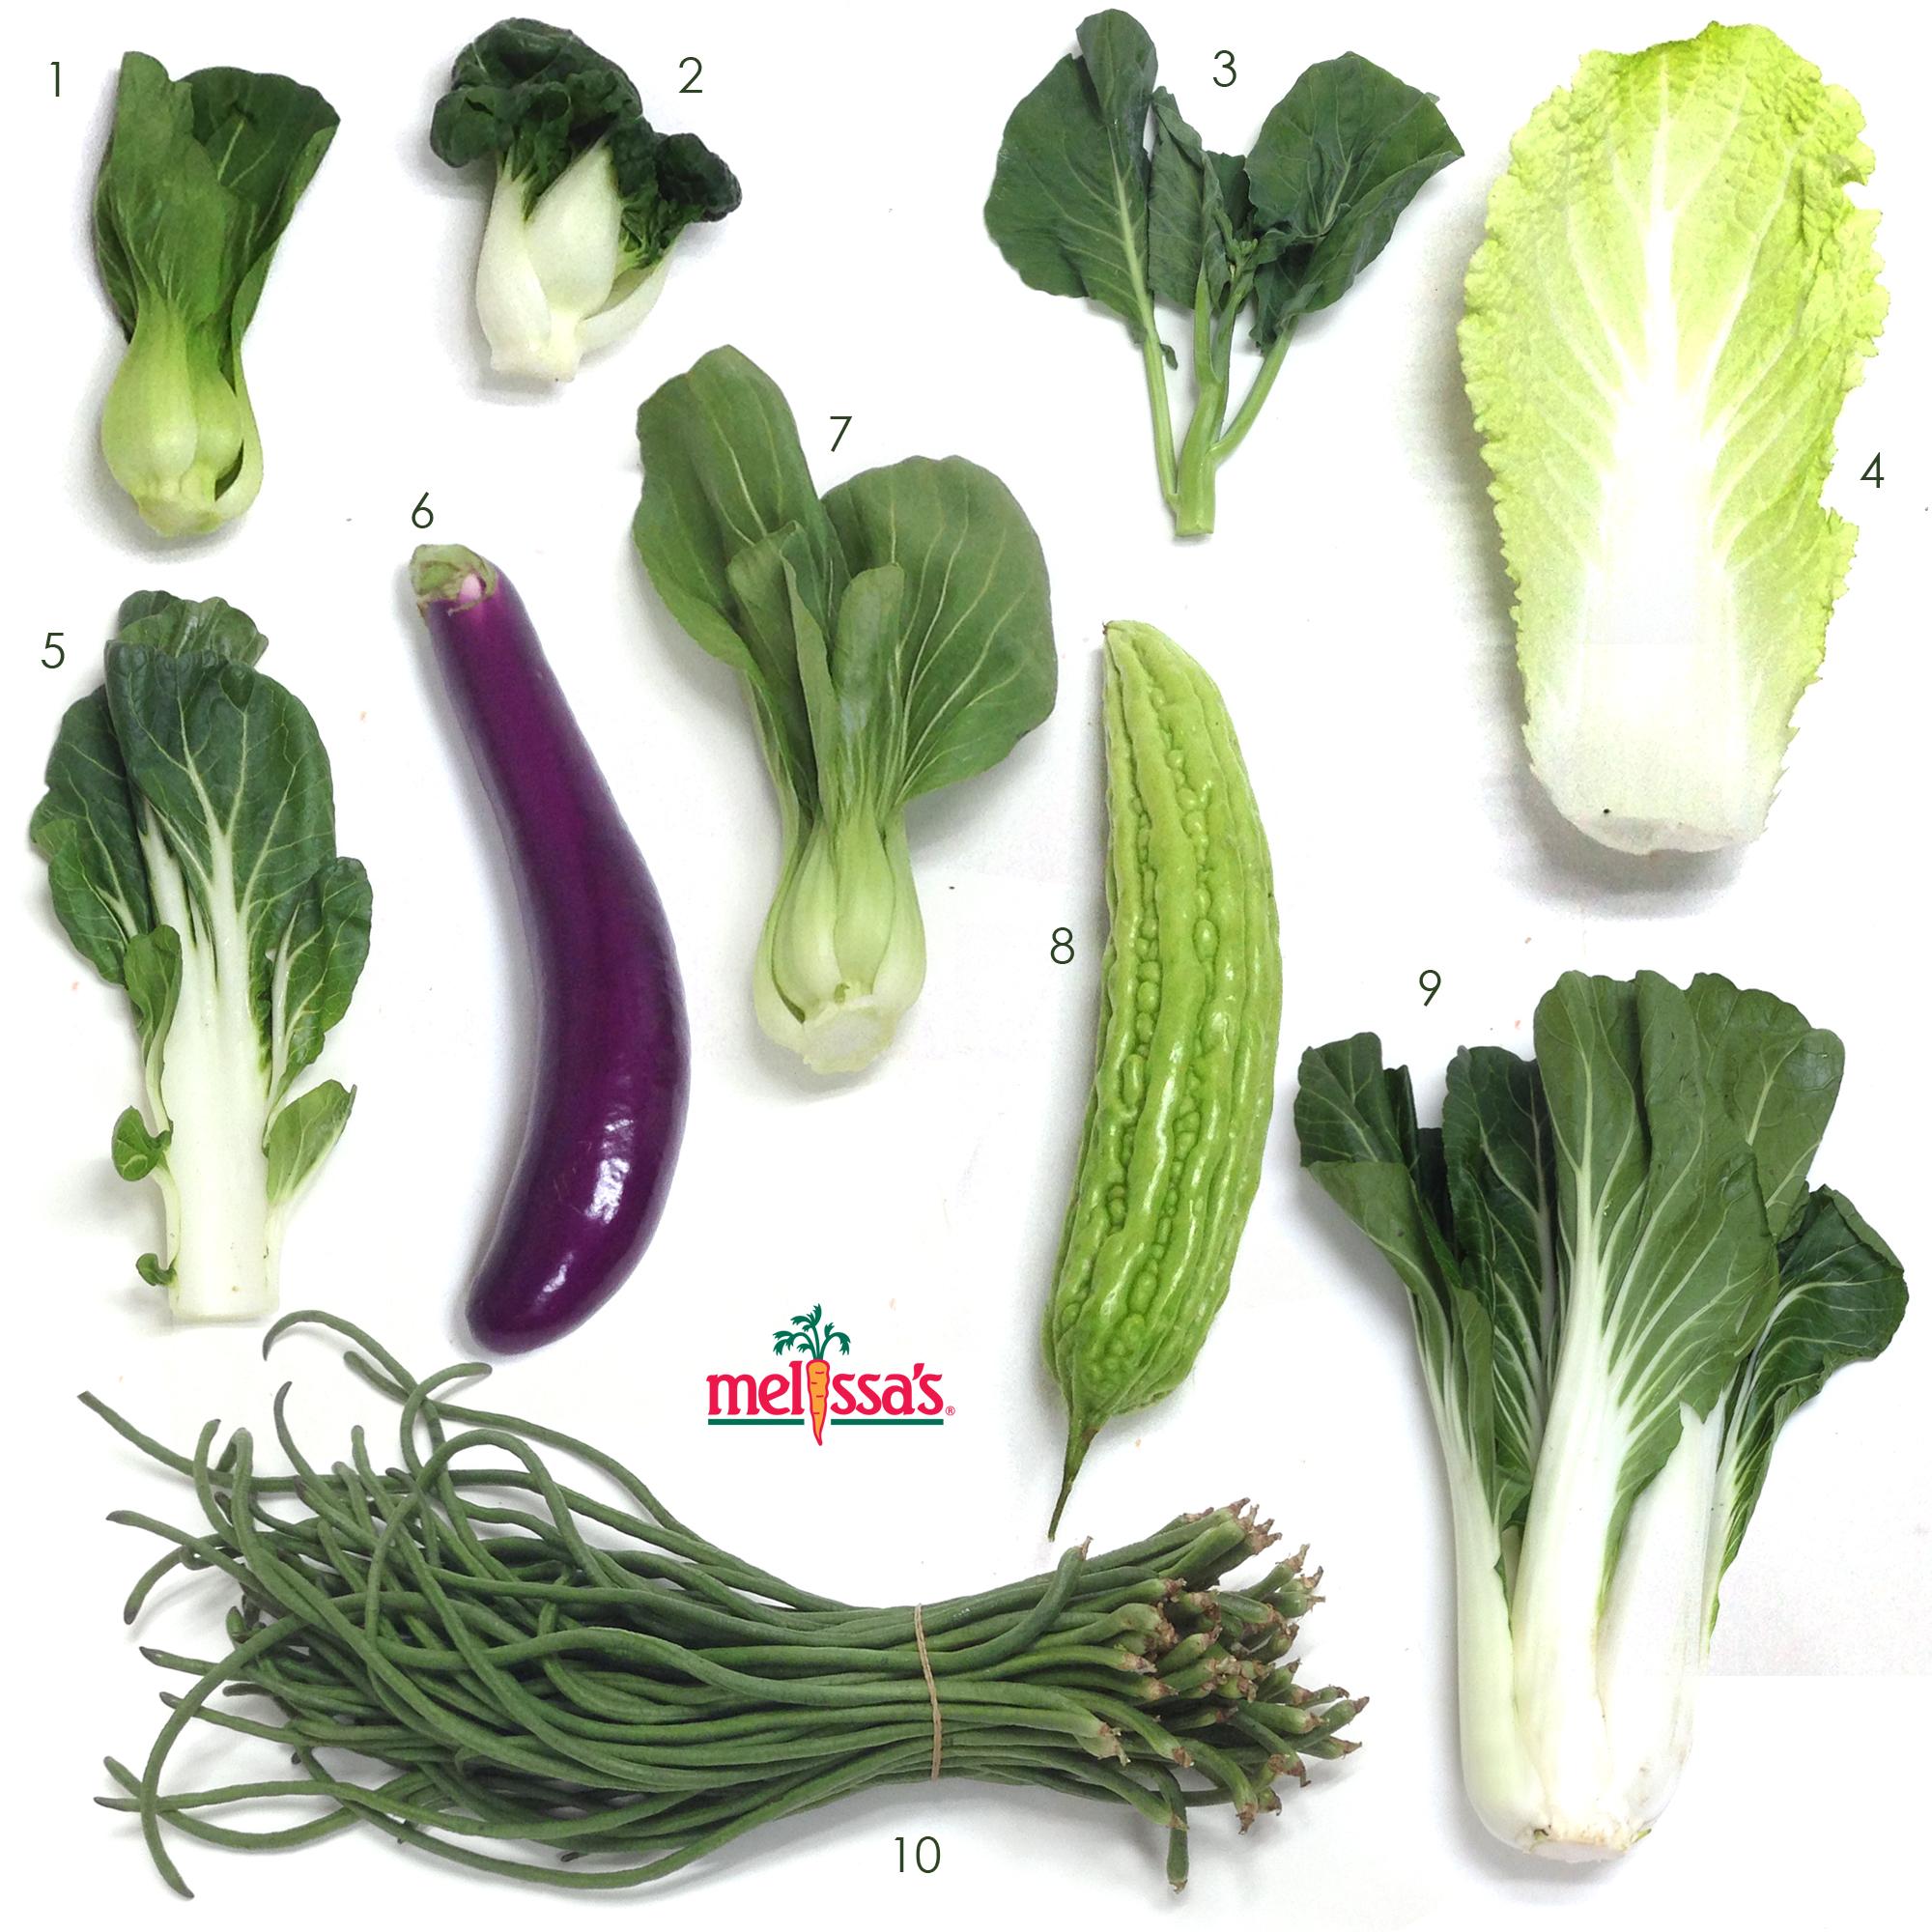 亚洲蔬菜视觉指南GydF4y2Ba